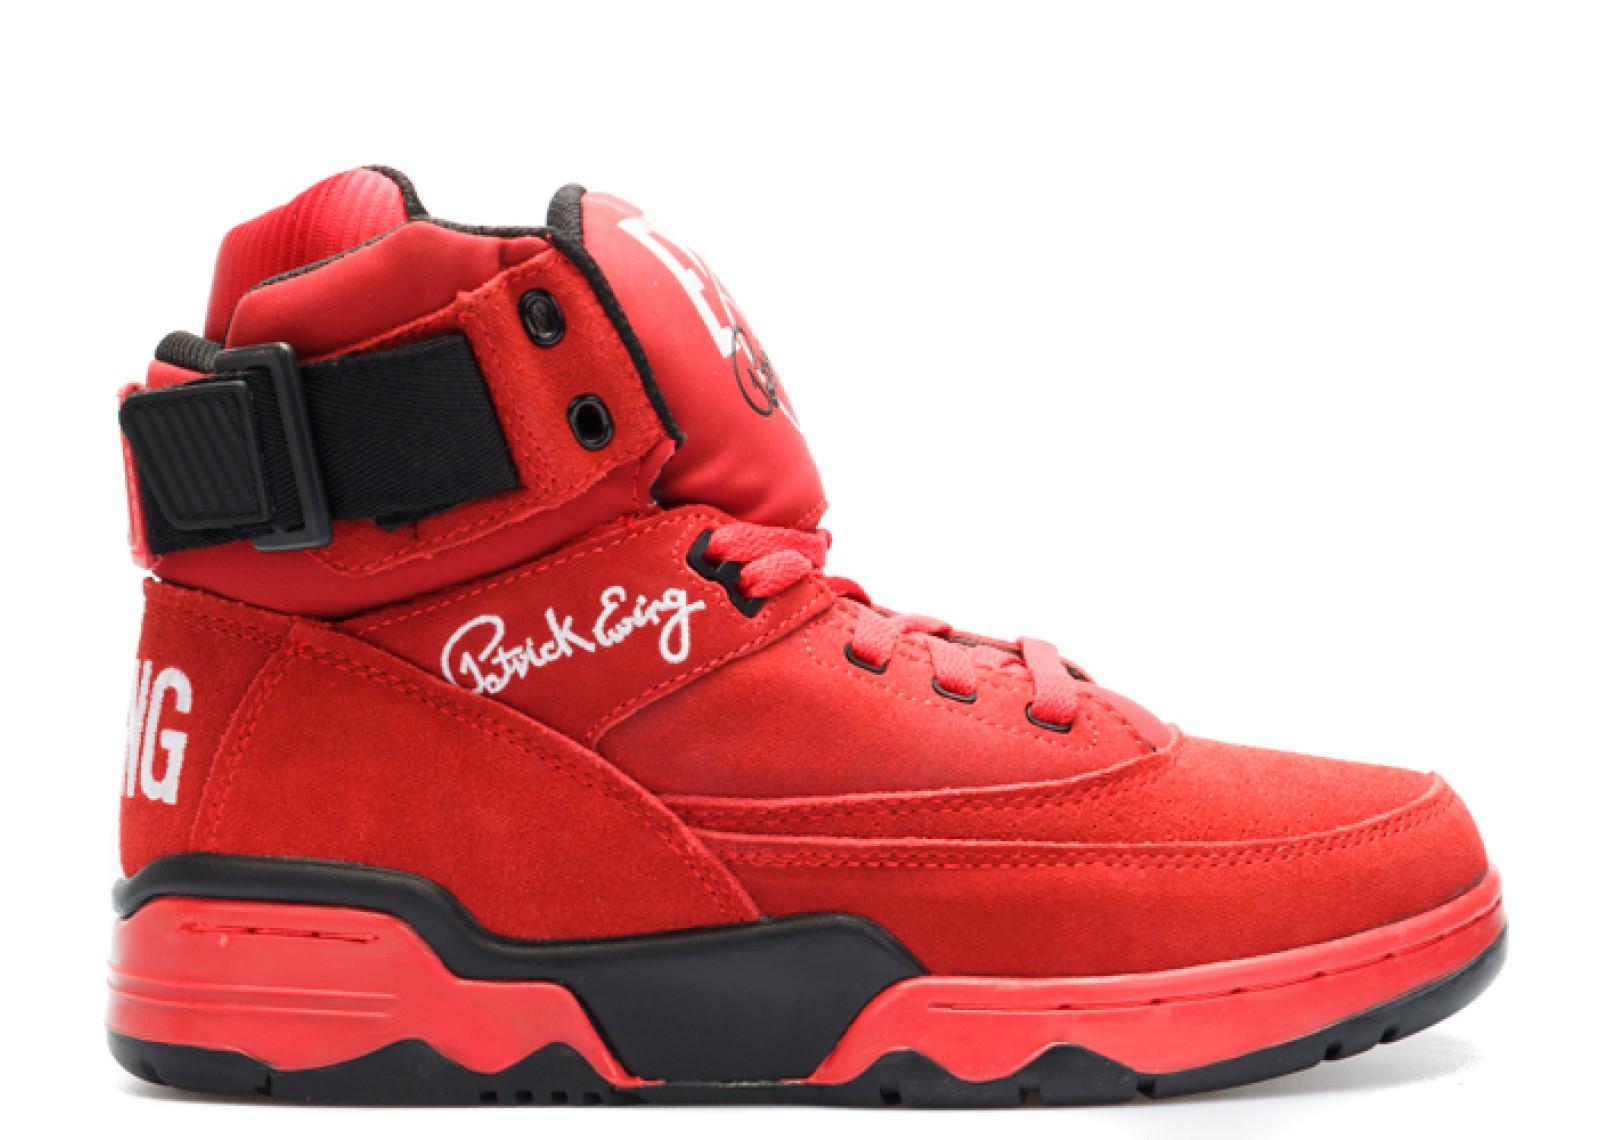 ハイ メンズ 男性用 メンズ靴 靴 スニーカー 【 EWING 33 HI RED BLACK 】